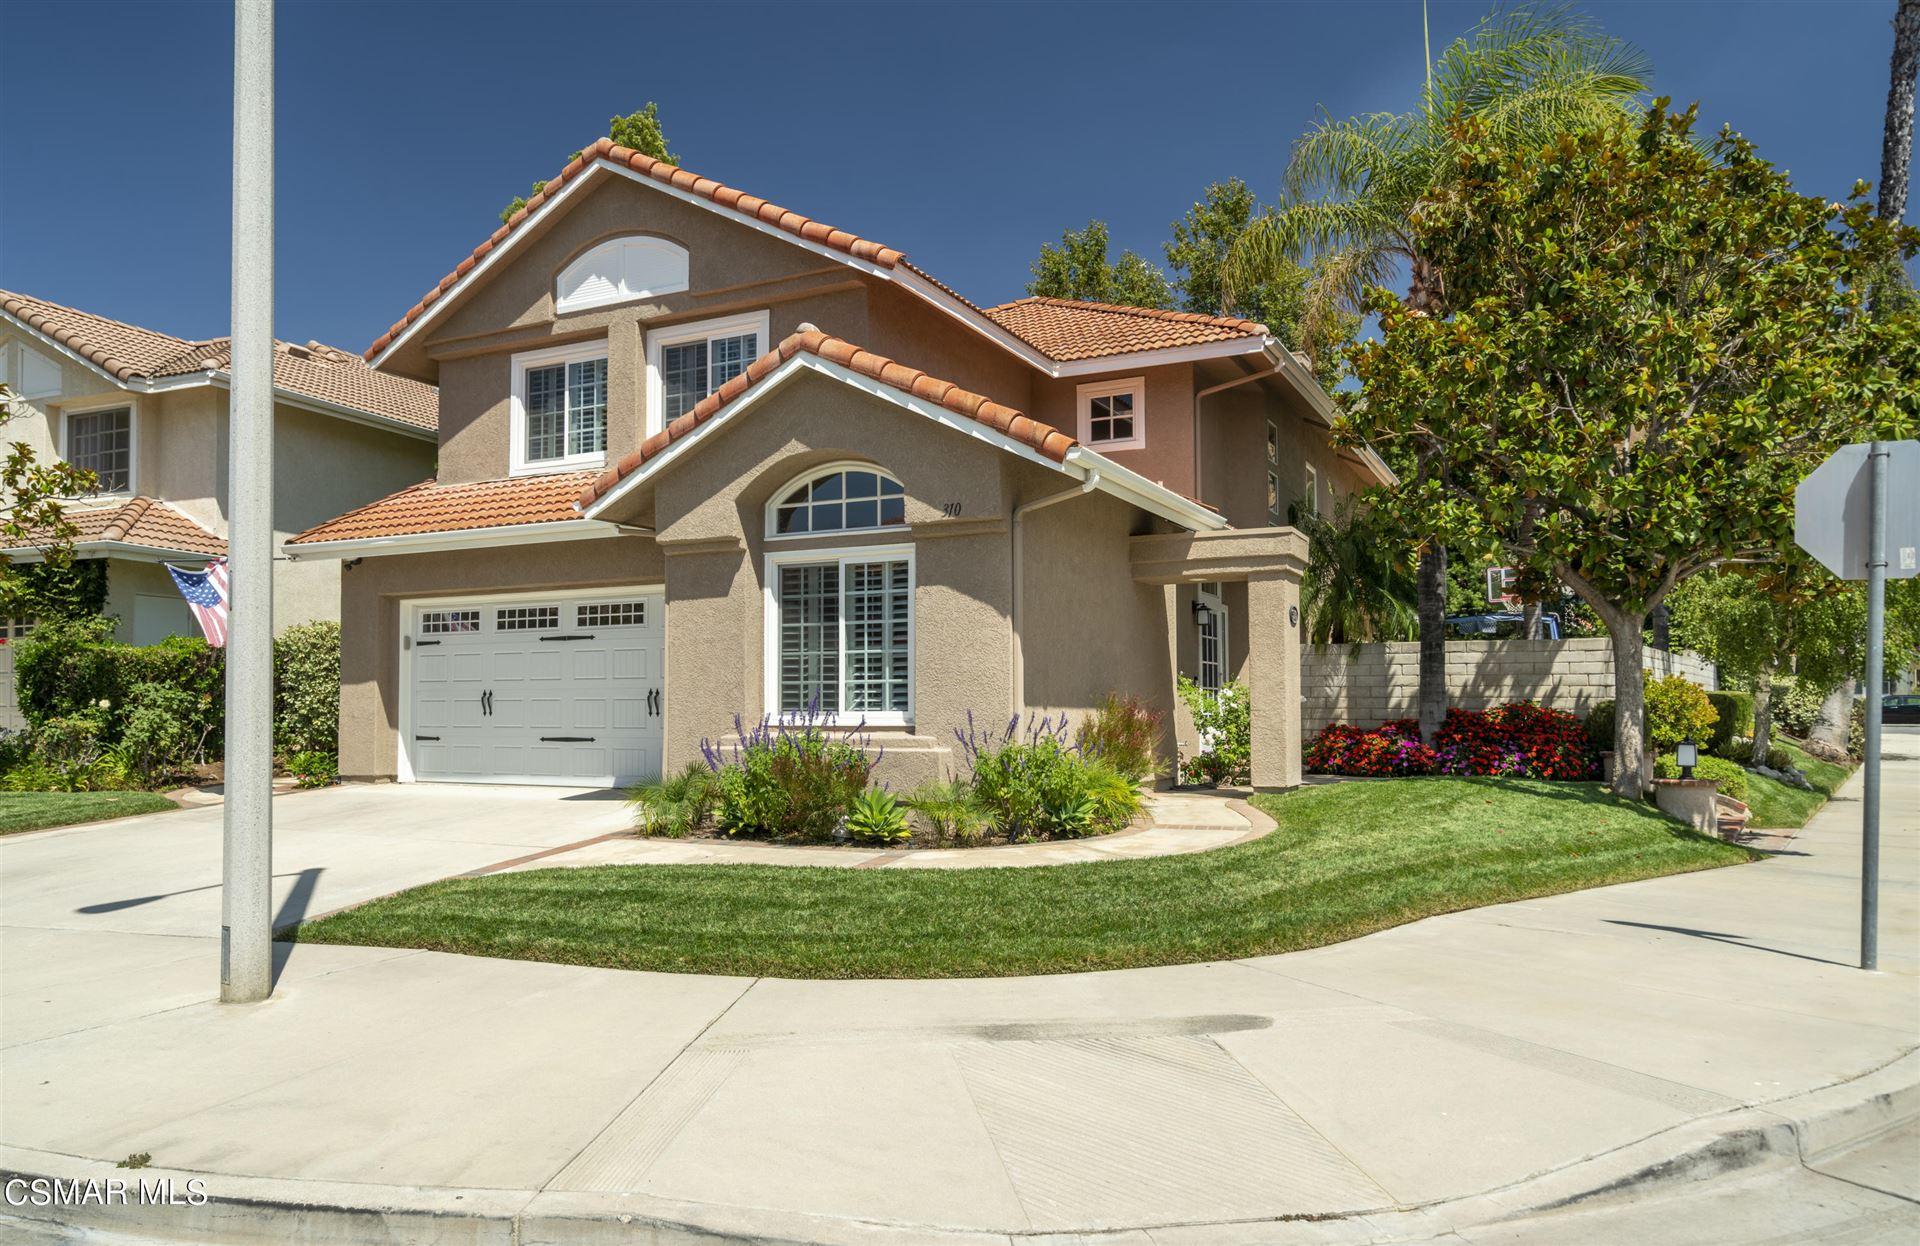 310 Ocho Rios Way, Oak Park, CA 91377 - MLS#: 221003265